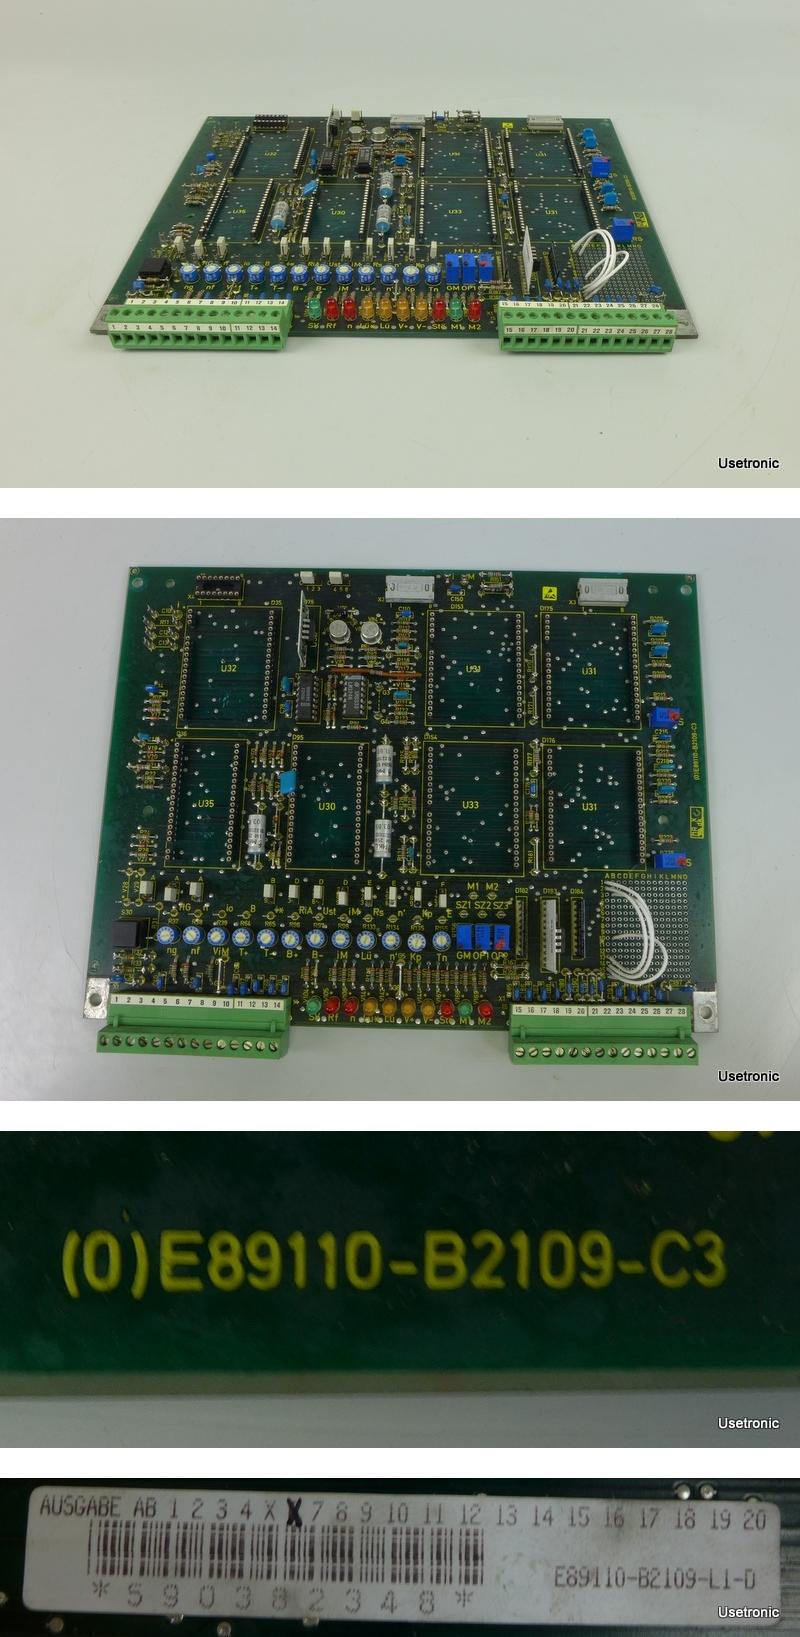 Siemens E89110-B2109-L1-D